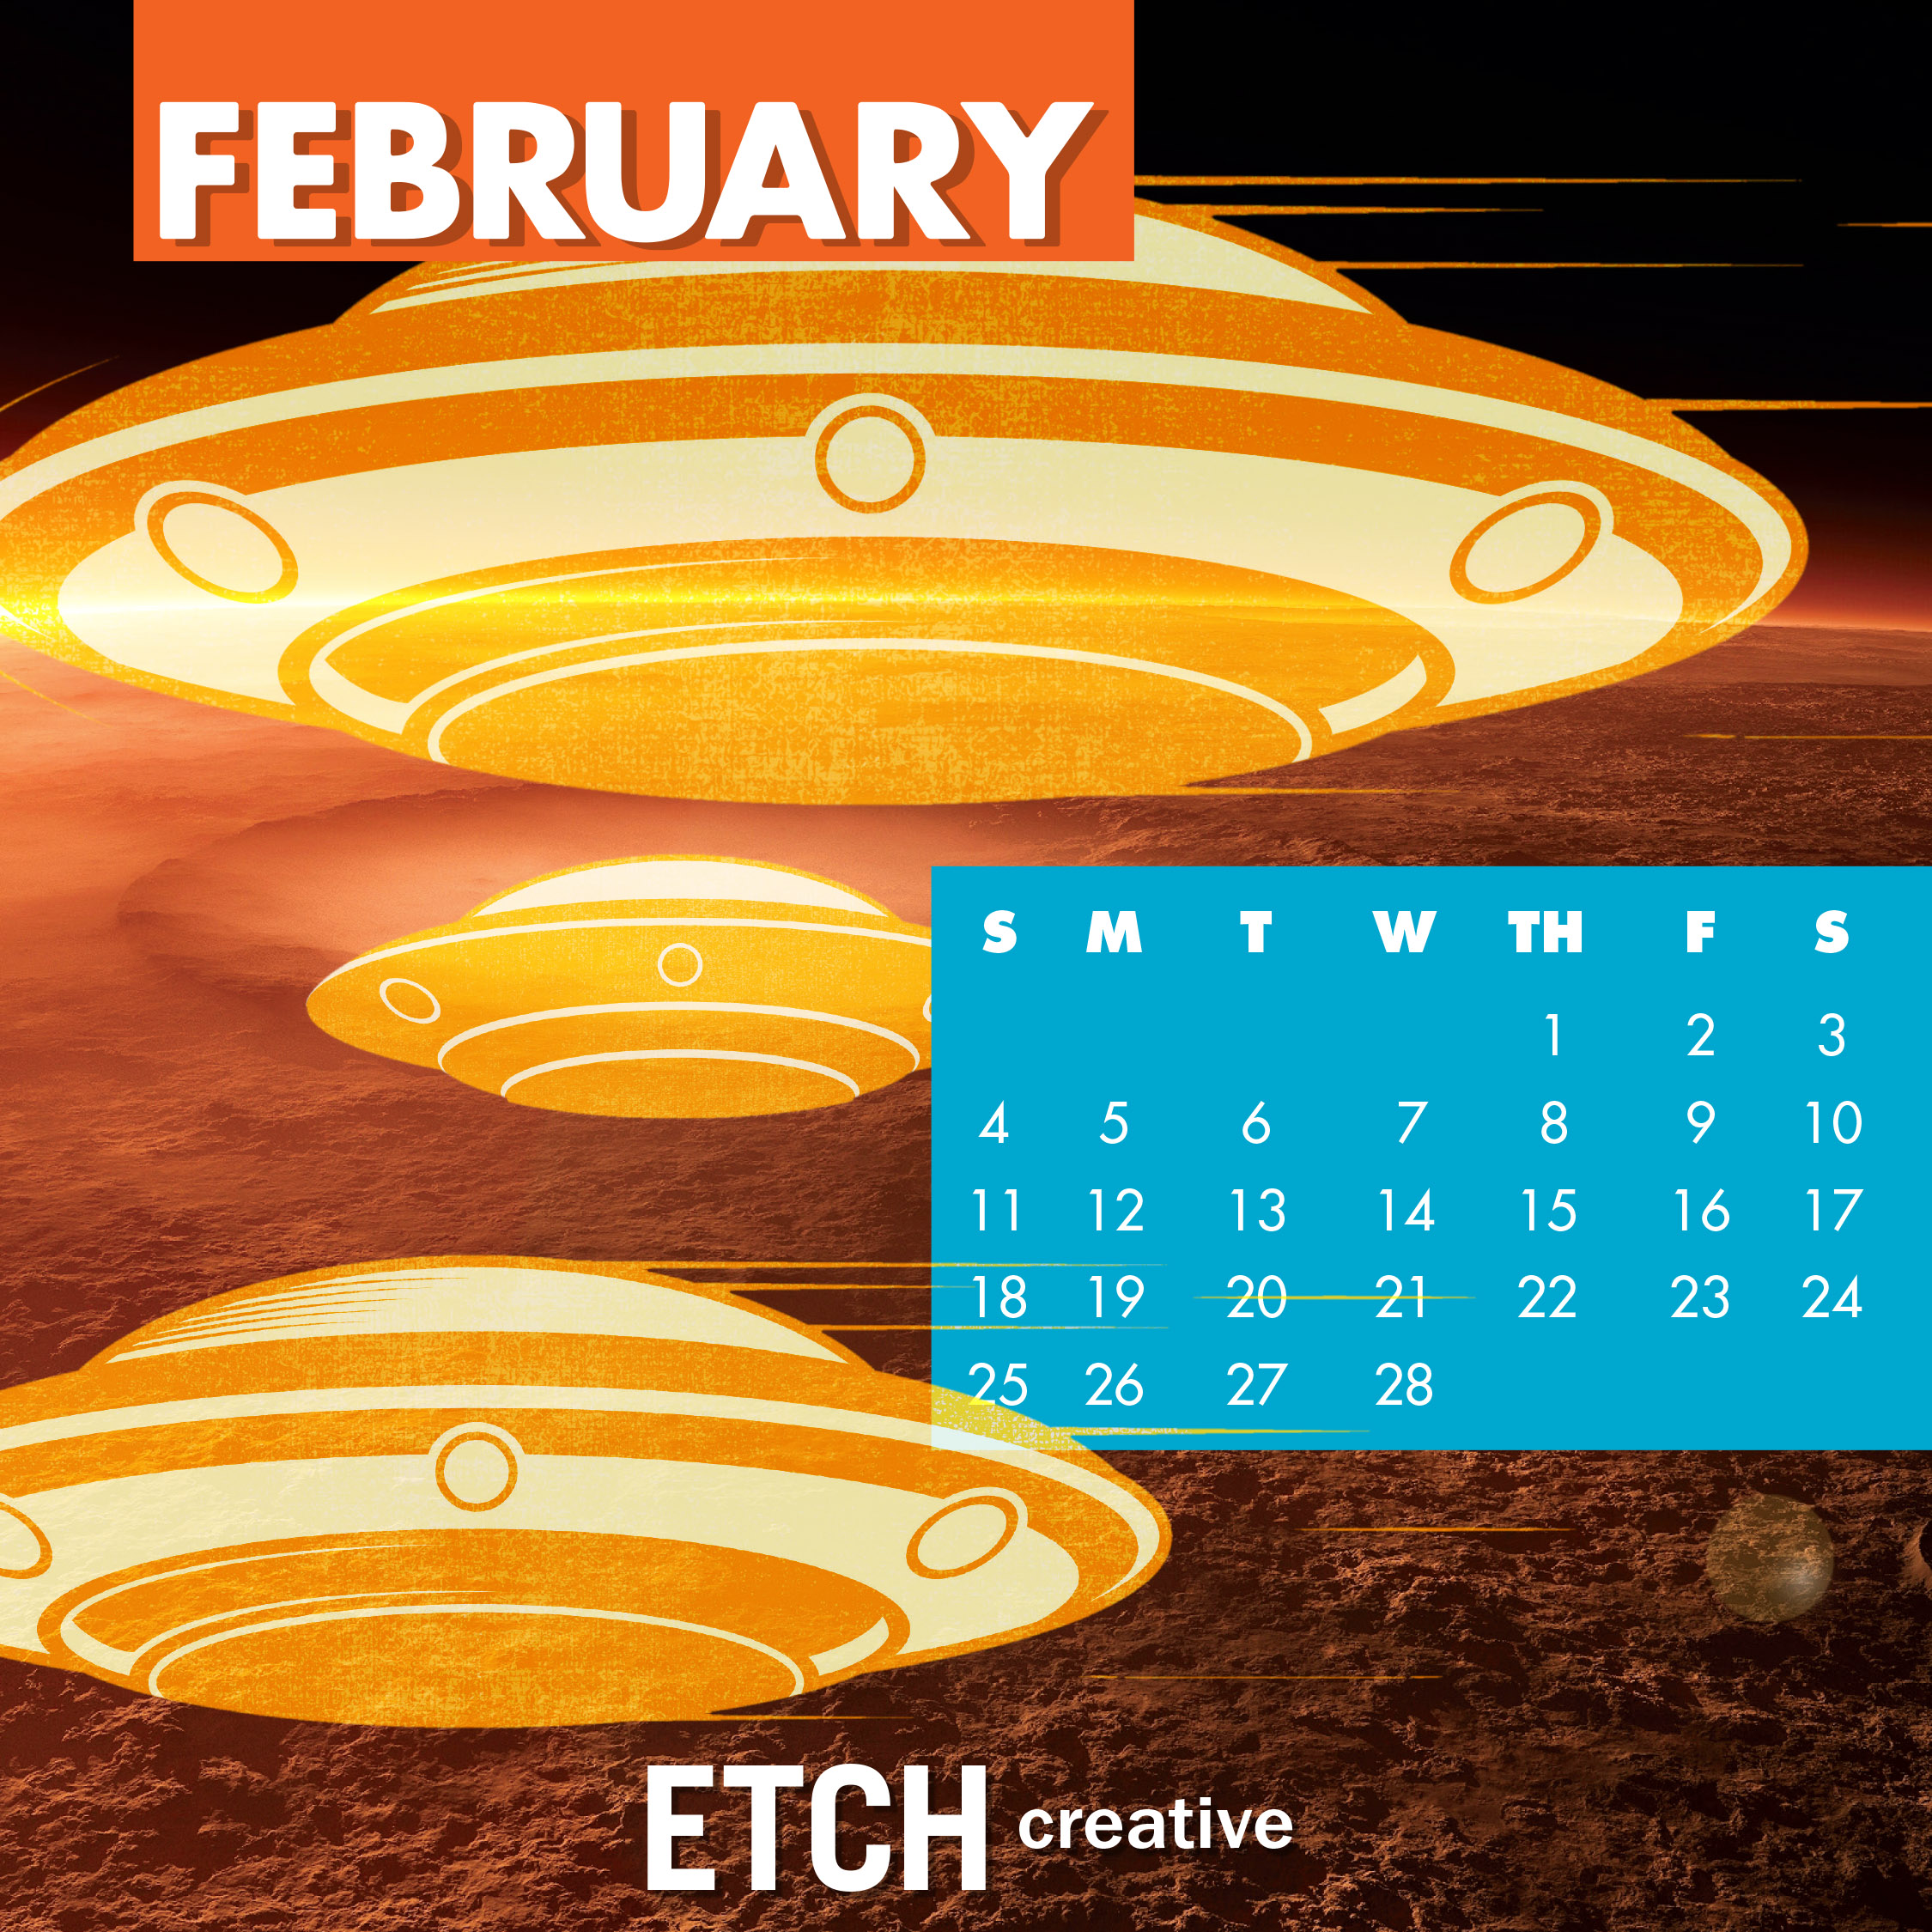 February.jpg